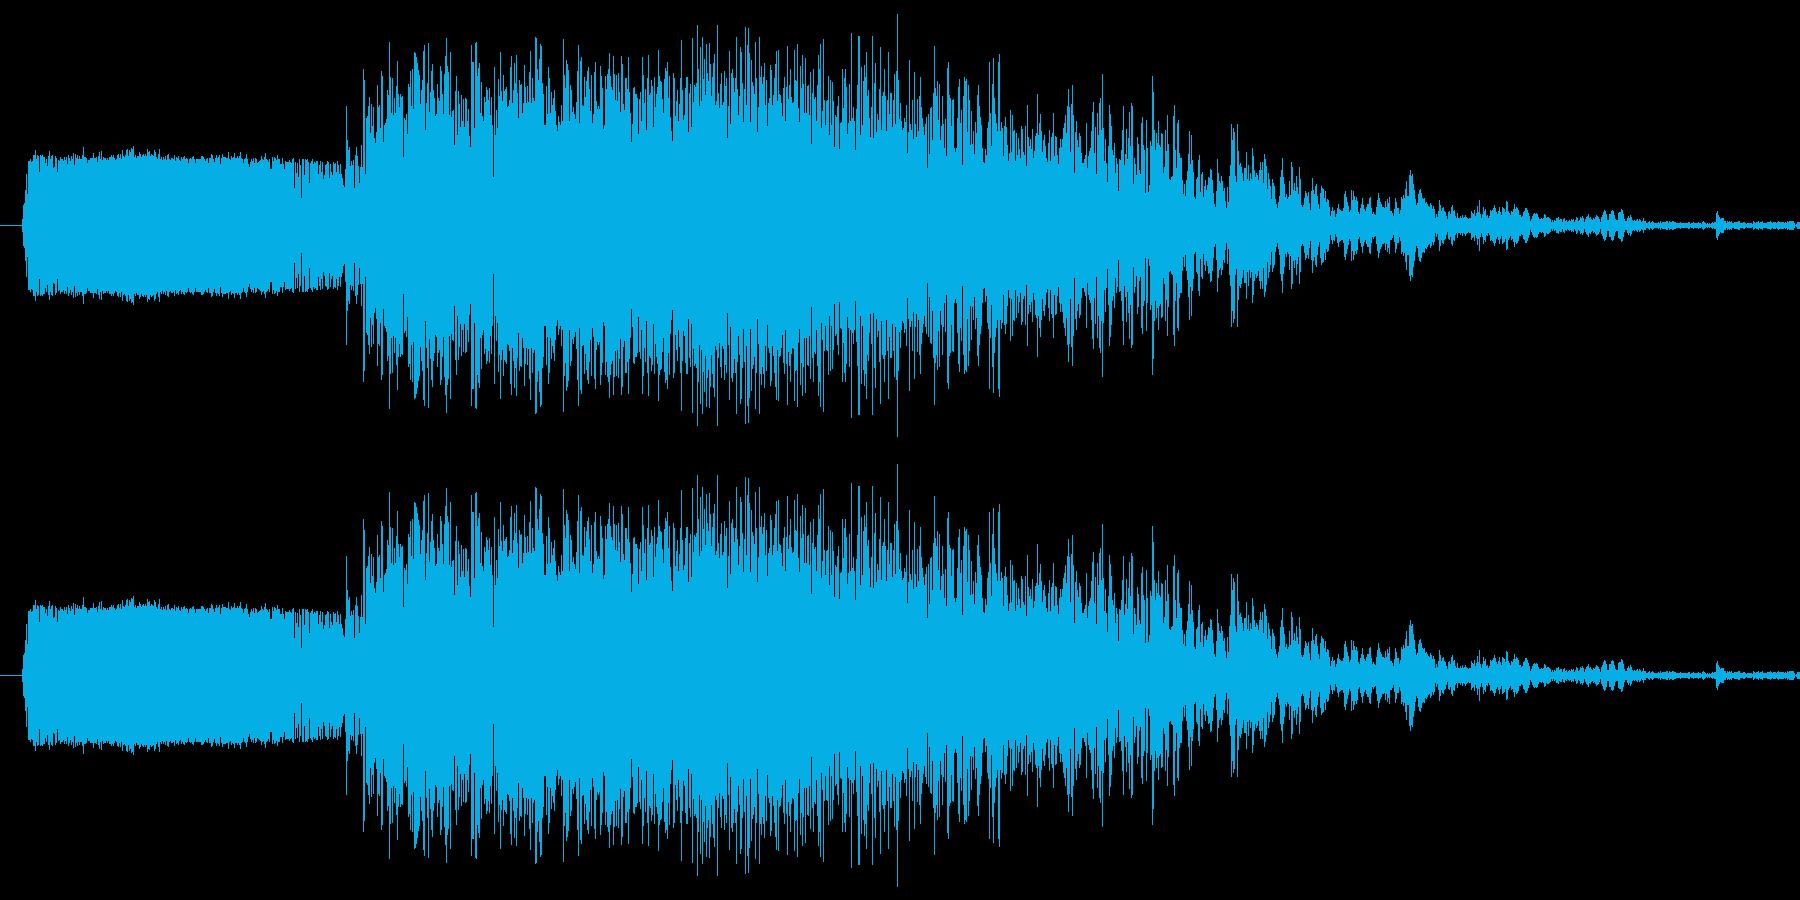 斬撃2【叩き割る様な剣の斬撃】の再生済みの波形